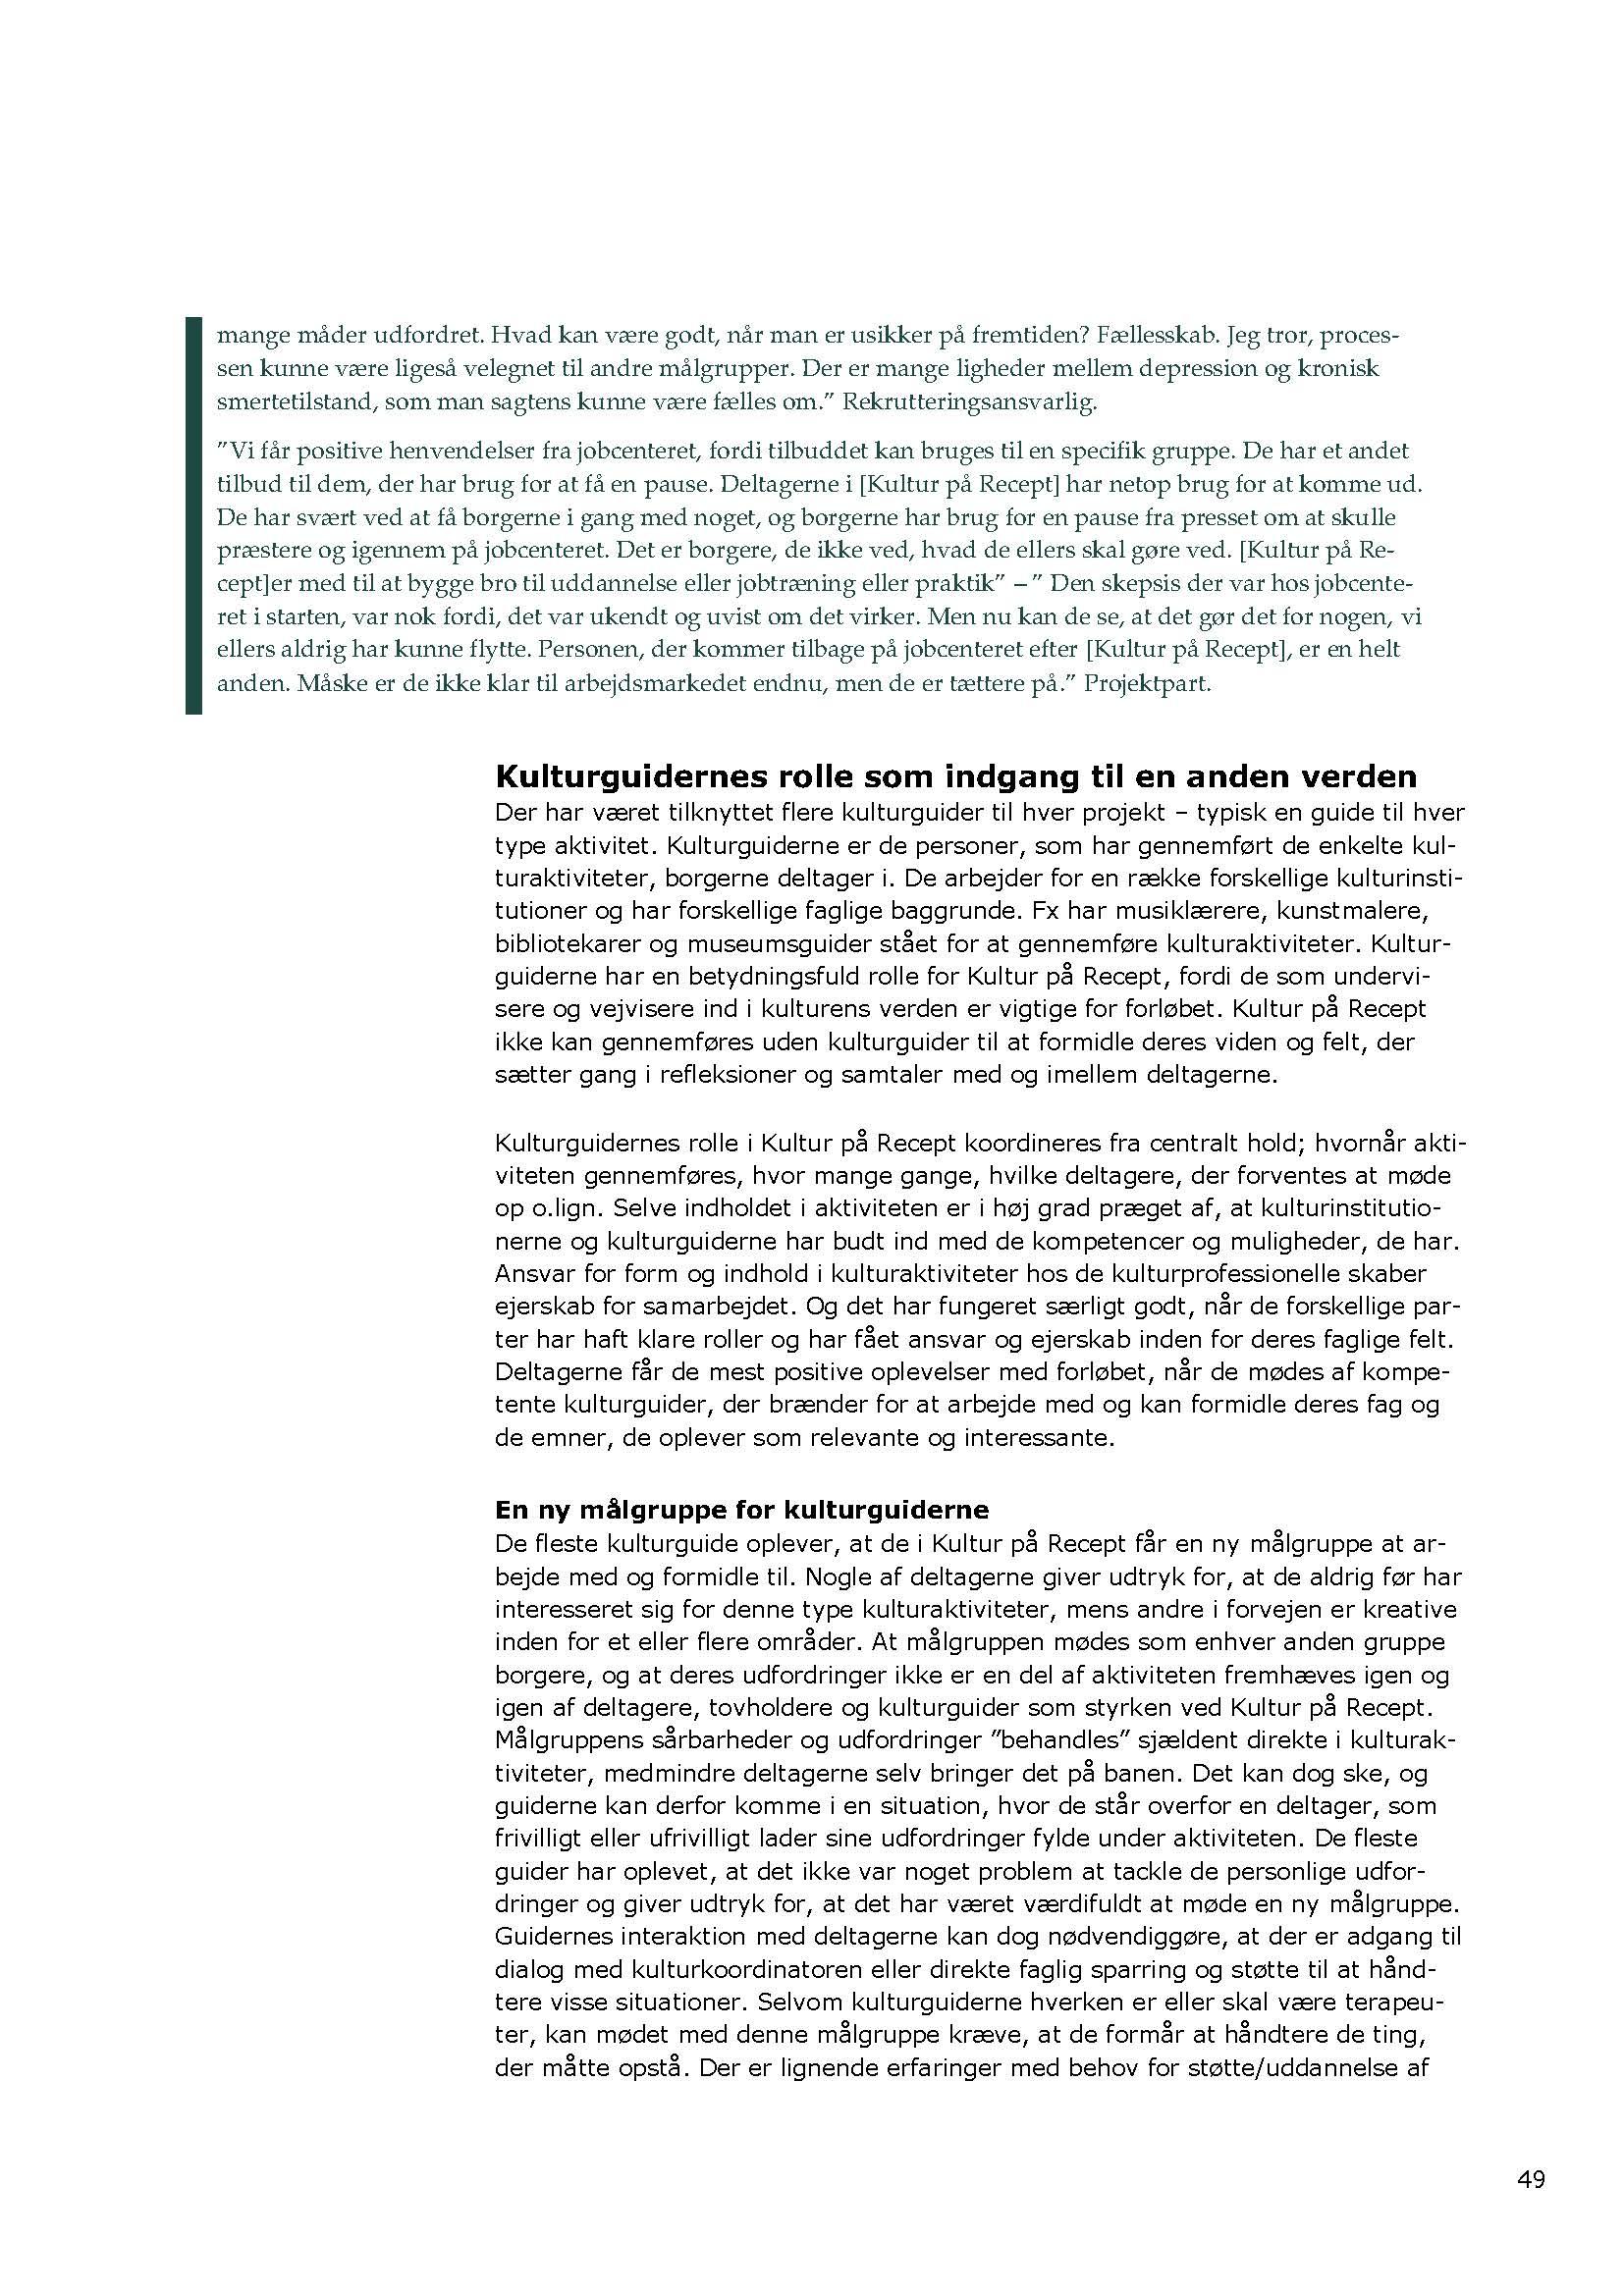 Kultur-paa-recept_tvaergaaende-evaluering_foraar-2020_Page_49